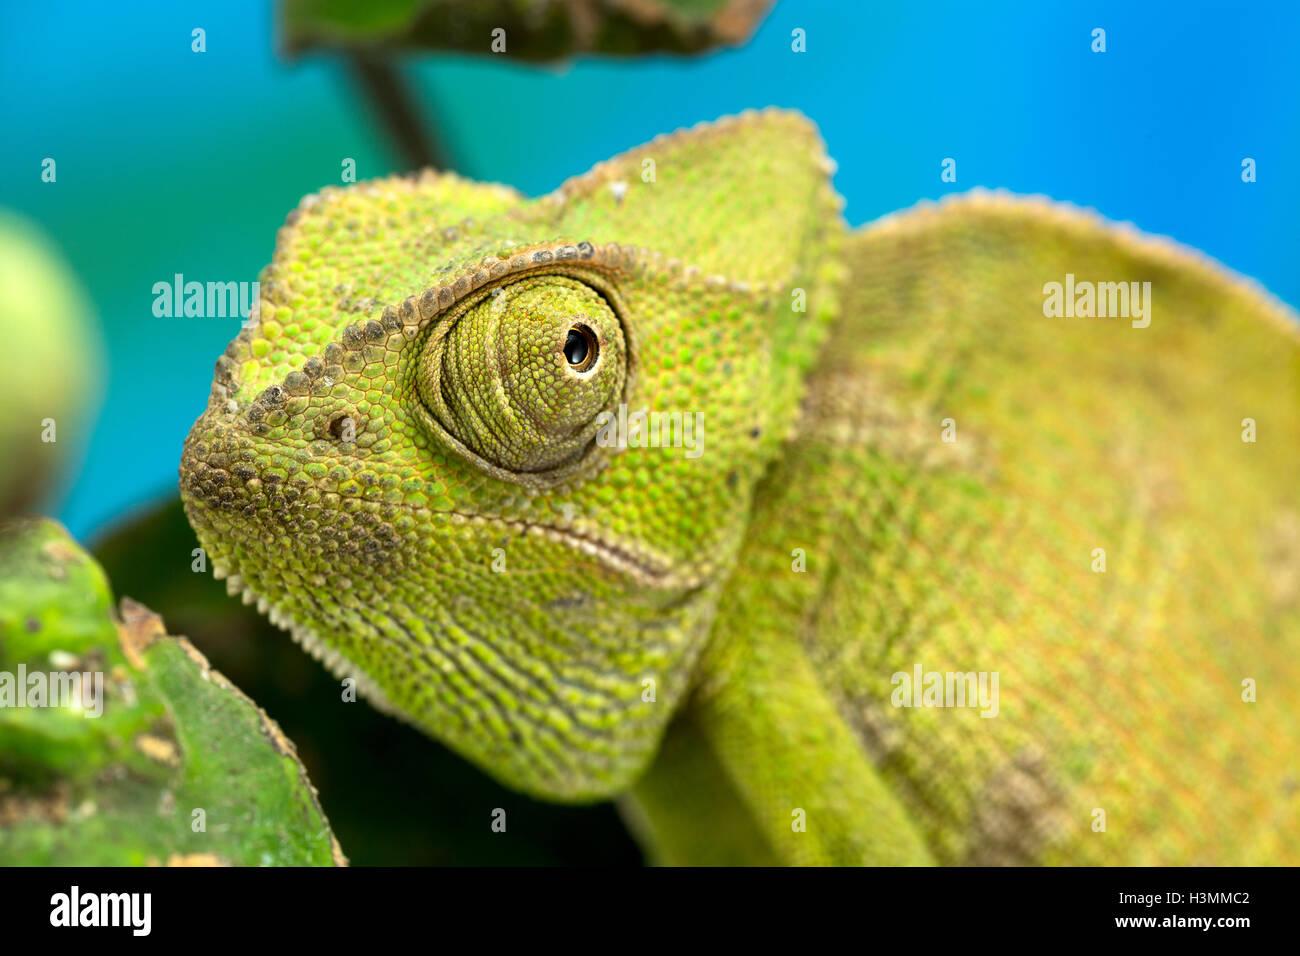 Cerca de un verde Camaleón de tamaño mediano Imagen De Stock